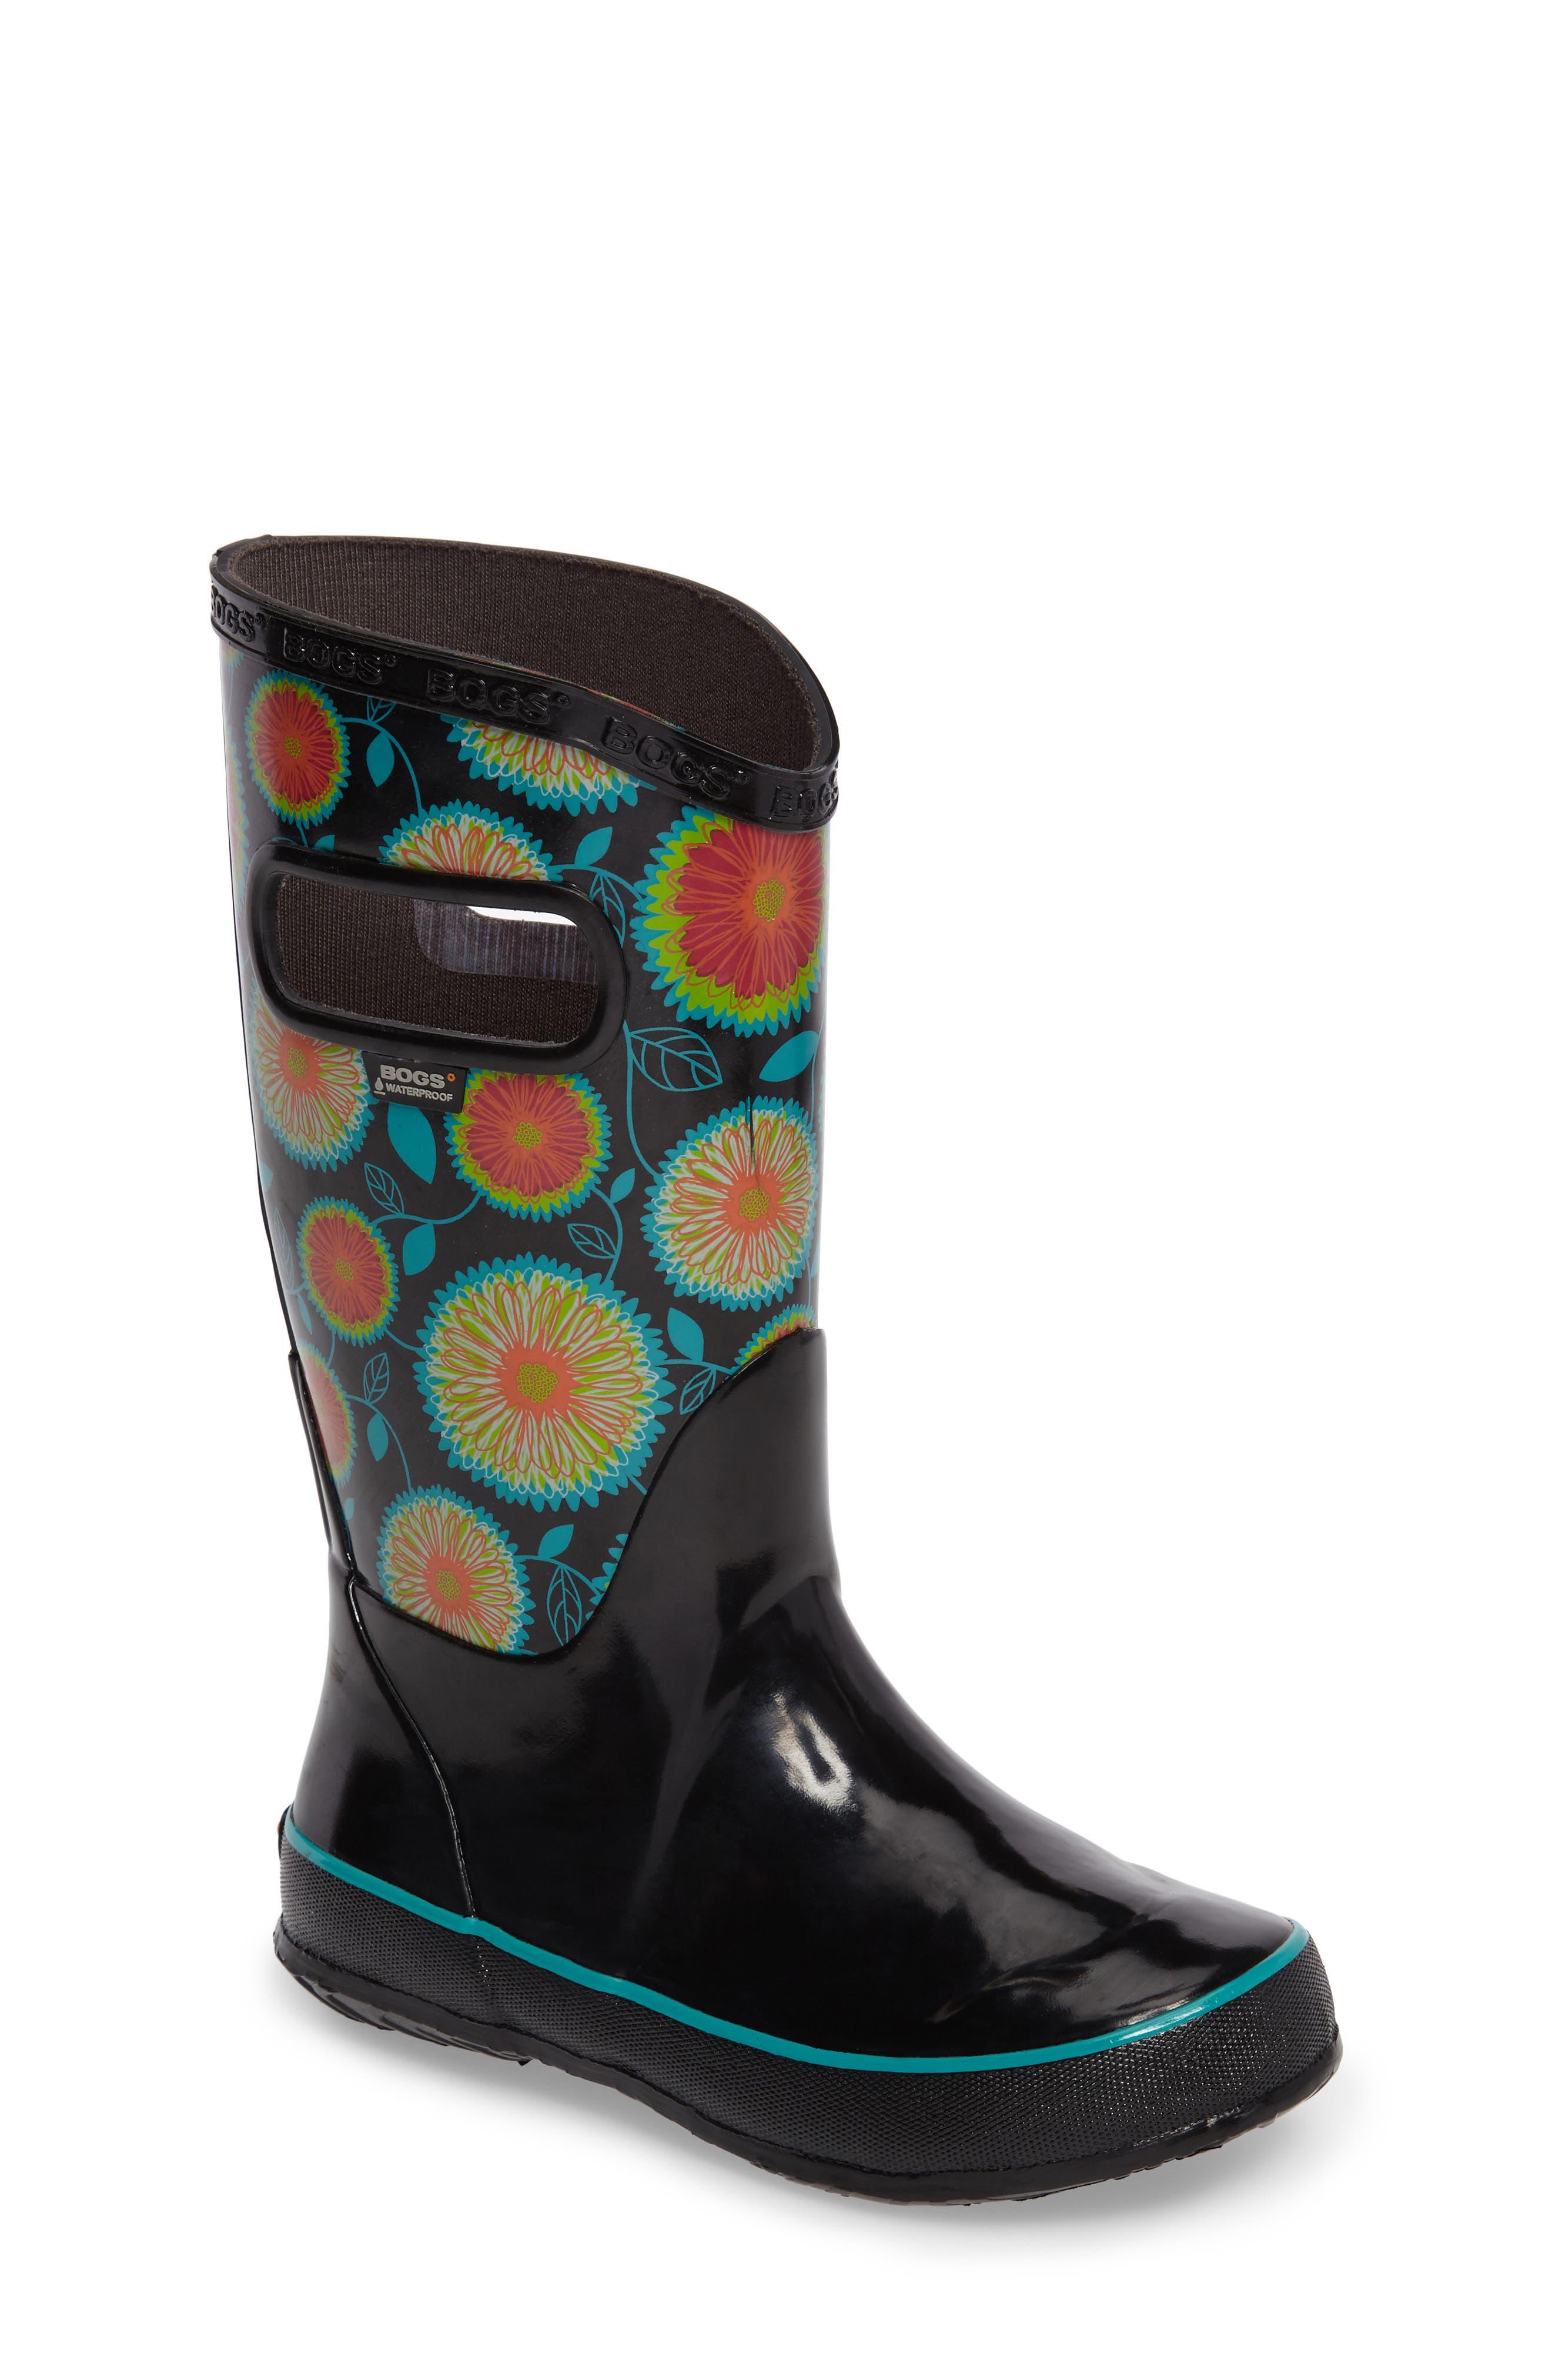 Main Image - Bogs Wildflowers Waterproof Rubber Rain Boot (Toddler, Little Kid & Big Kid)